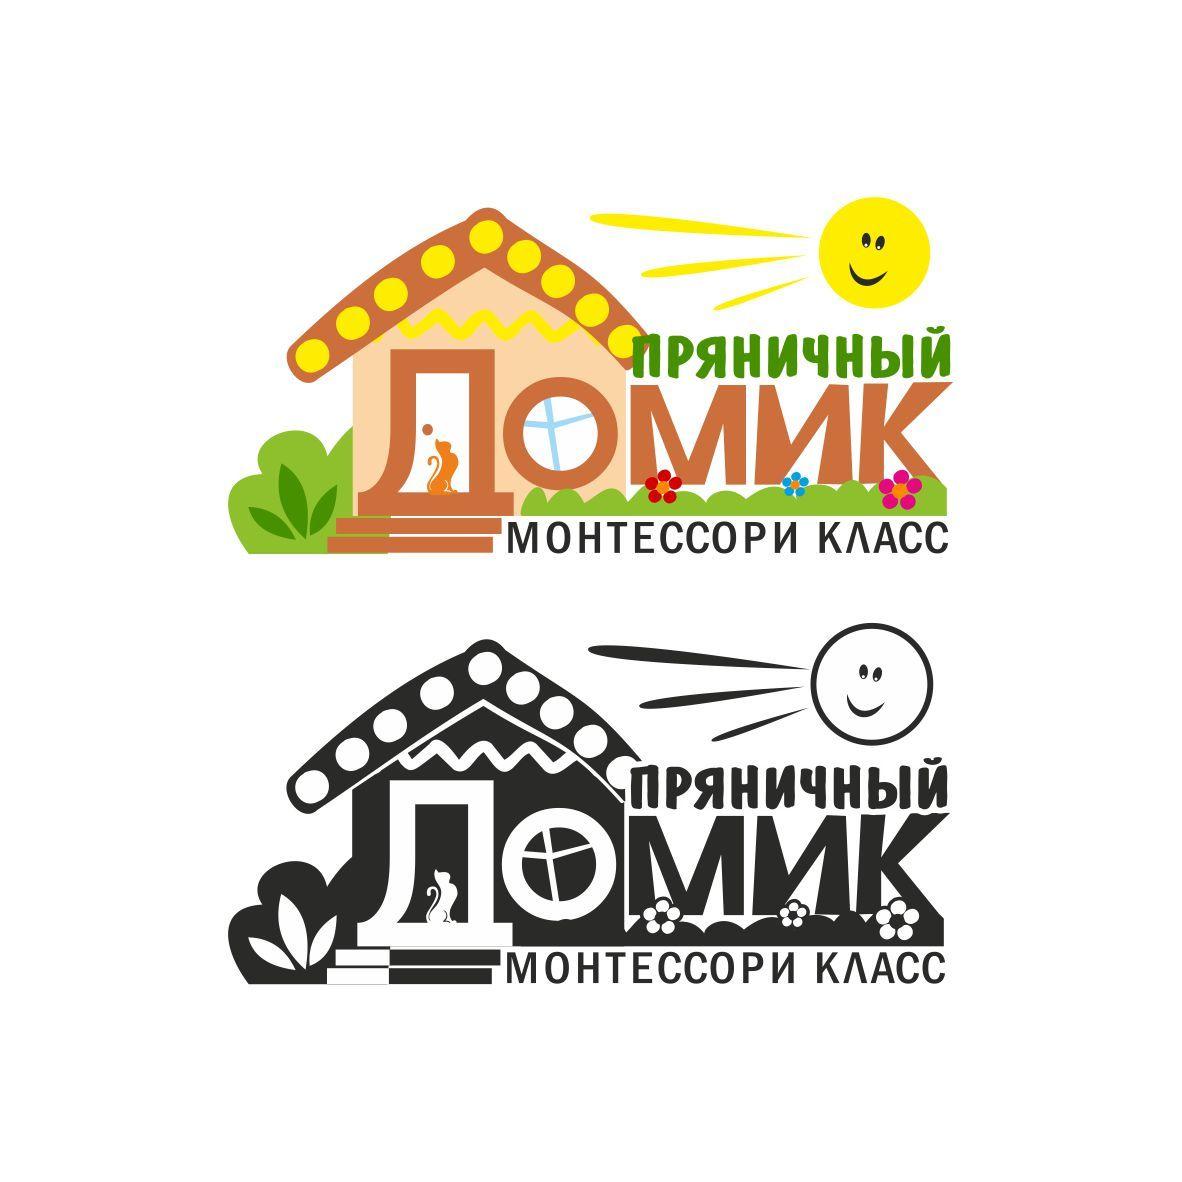 Логотип для ПРЯНИЧНЫЙ ДОМИК монтессори класс - дизайнер Odri